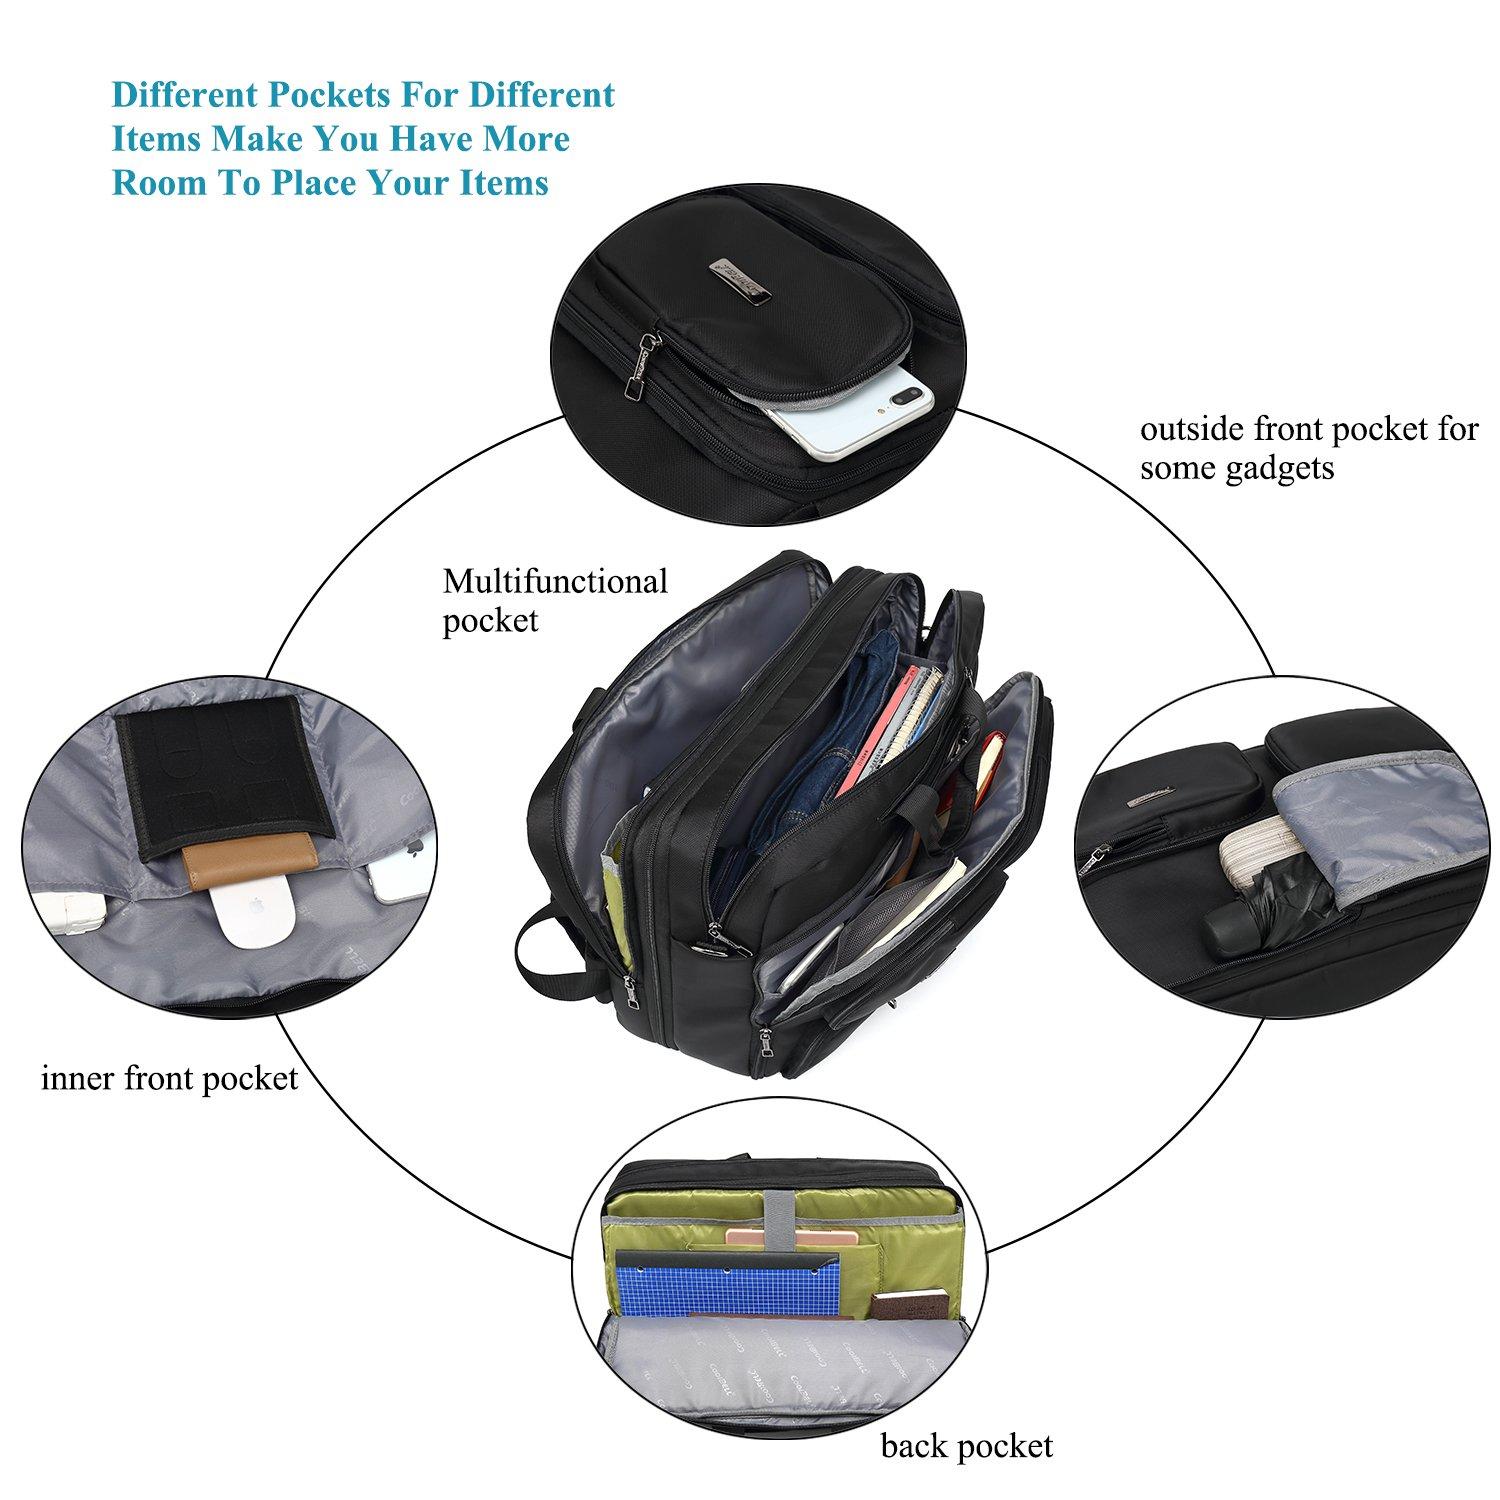 DTBG Laptop Bag Convertible Backpack Messenger Bag Nylon Shoulder Bag Men Women Business Briefcase Travel Rucksack with Side Handbag and Shoulder Strap Fits 17.3 Inches Laptop and Notebook (Black) by DTBG (Image #3)